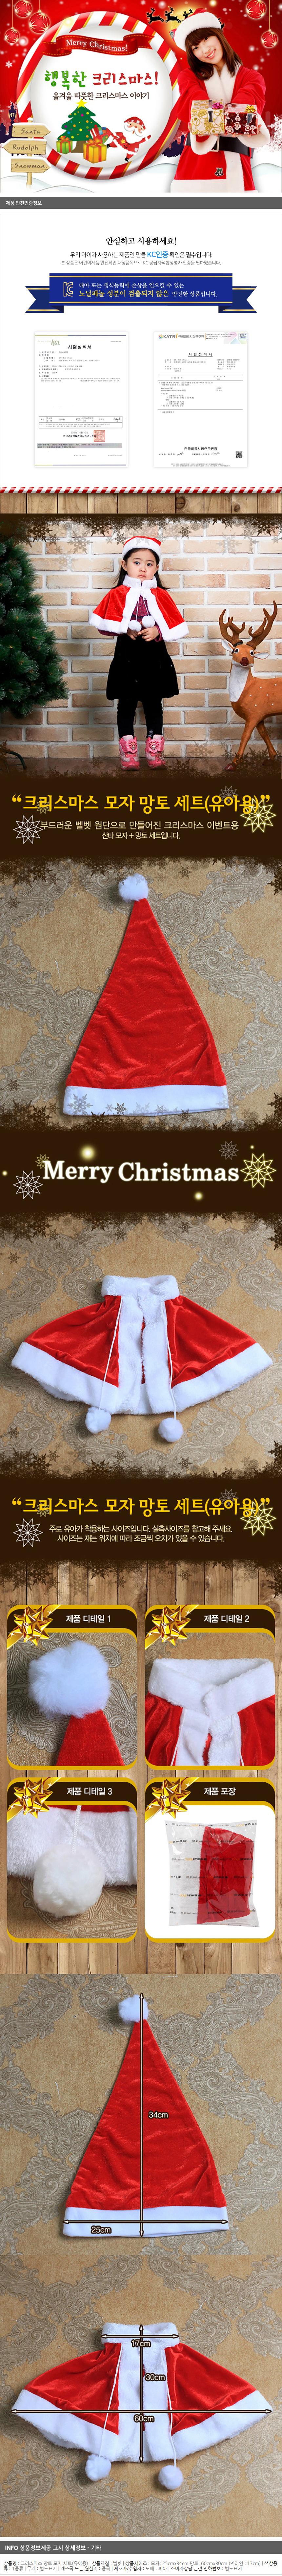 로즈트리 산타 모자 망토세트 꼬마산타 (유아용) - 기프트갓, 11,440원, 파티용품, 크리스마스 파티